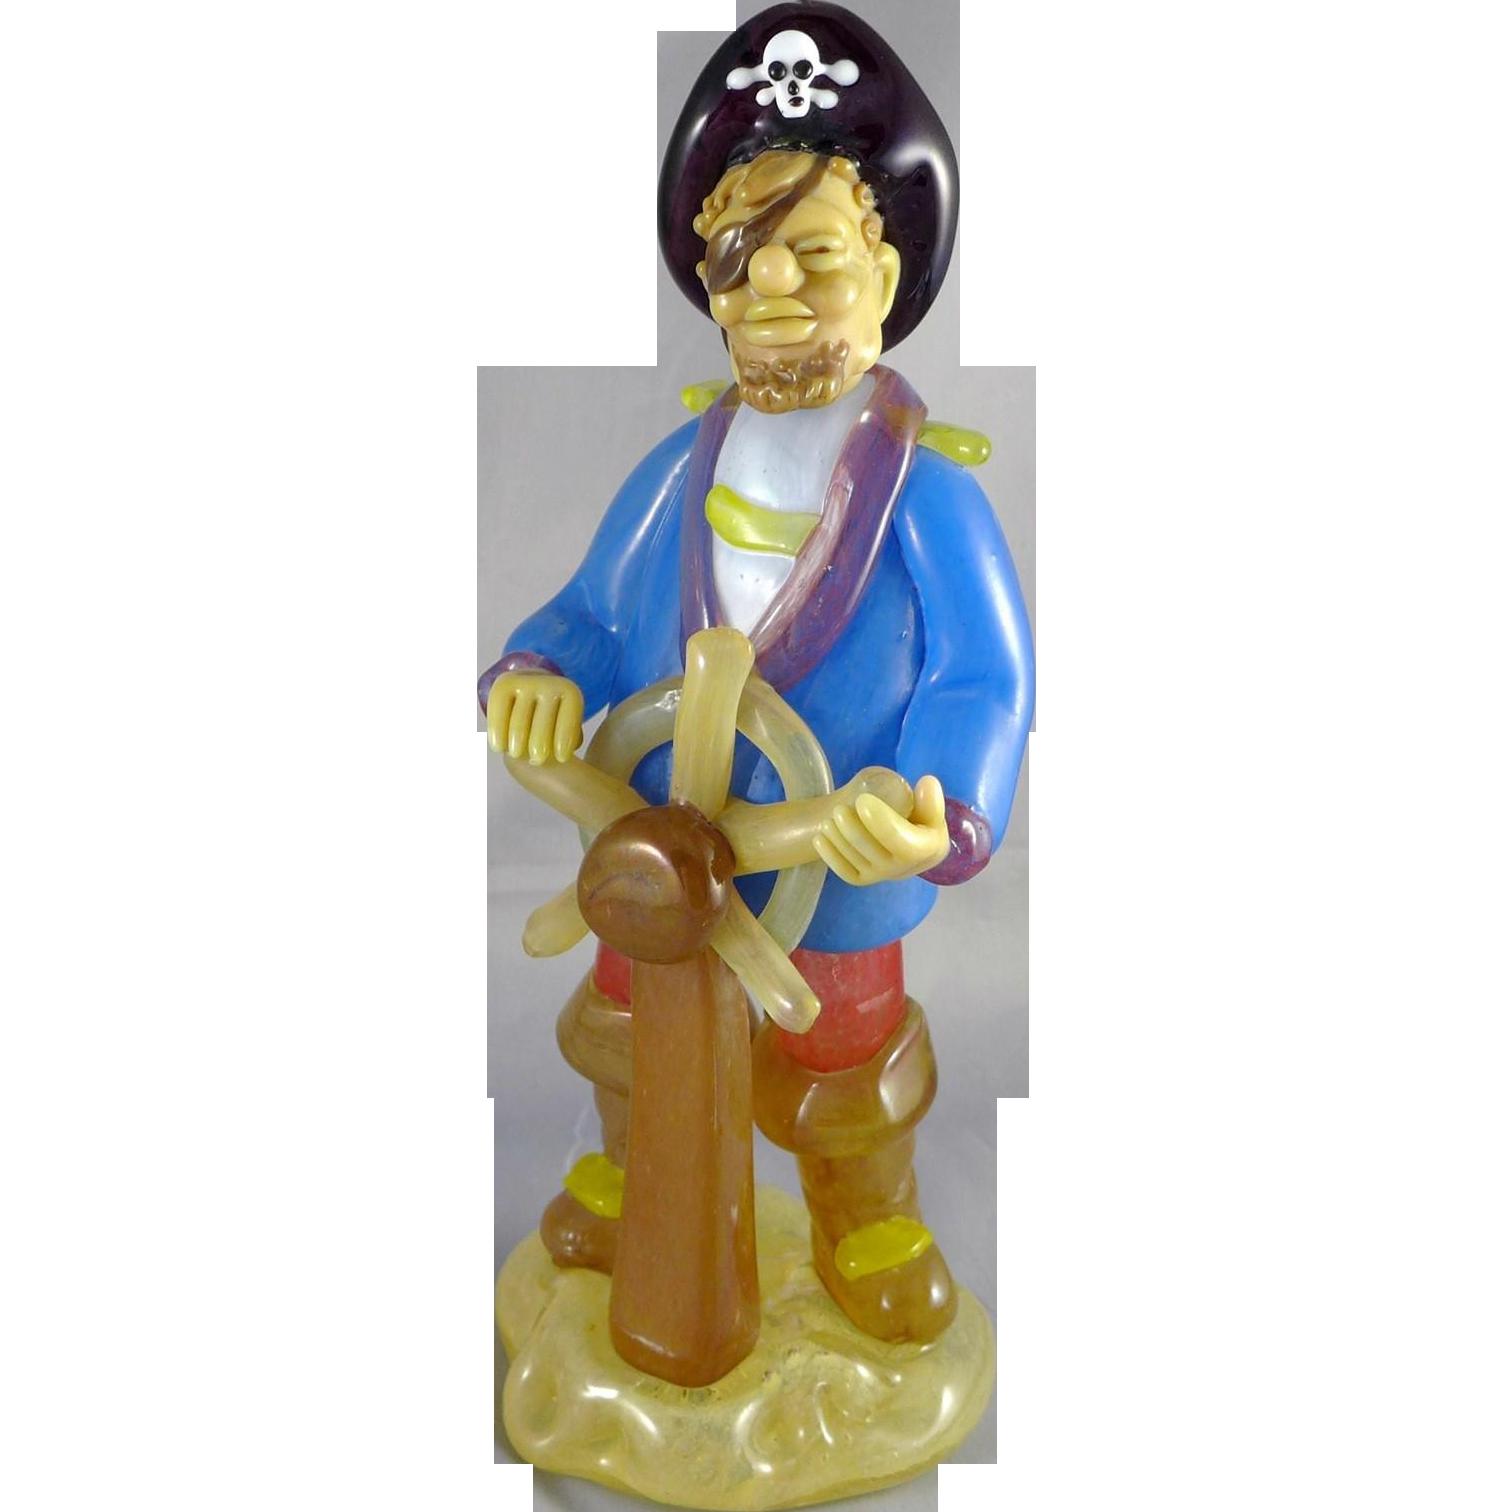 Vintage Czech Art Glass Pirate Figure